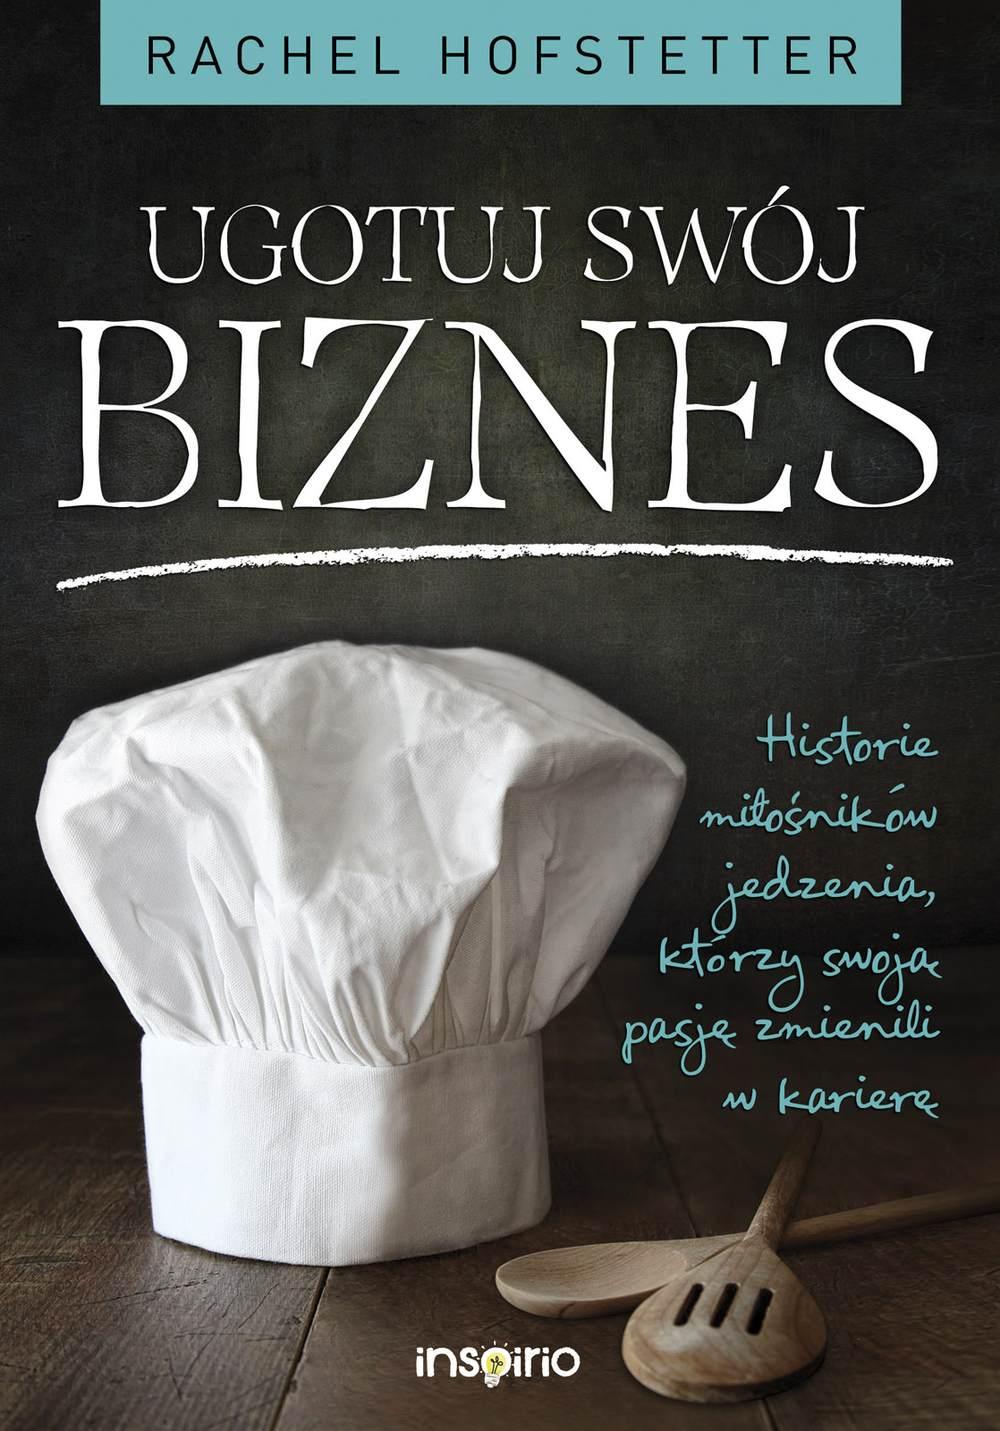 Ugotuj swój biznes. Historie miłośników jedzenia, którzy swoją pasję zmienili w karierę - Ebook (Książka na Kindle) do pobrania w formacie MOBI